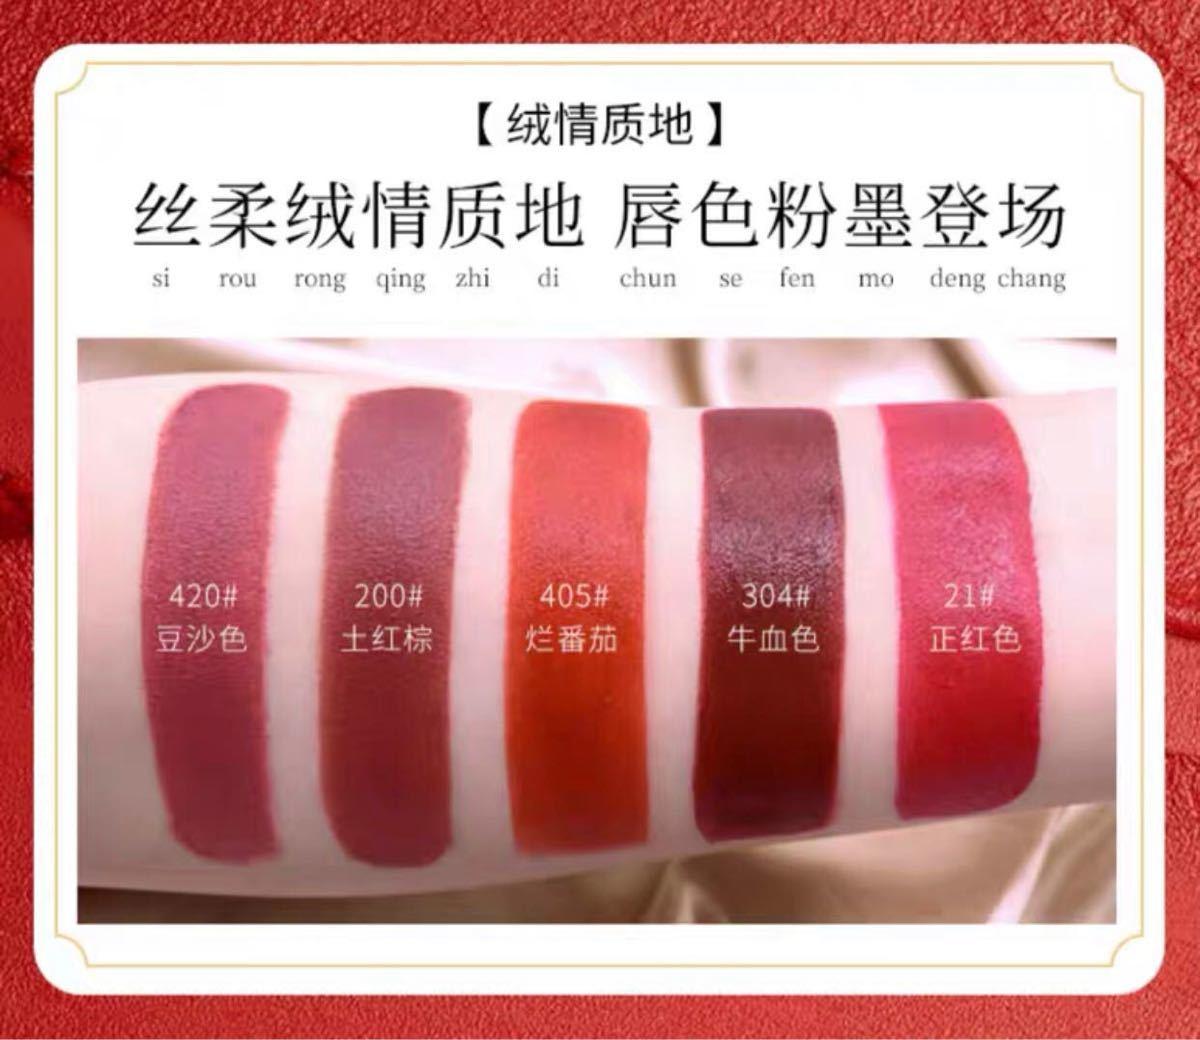 新品 口紅 リップ 中国コスメ マット ティント チャイボーグ 赤 hojo